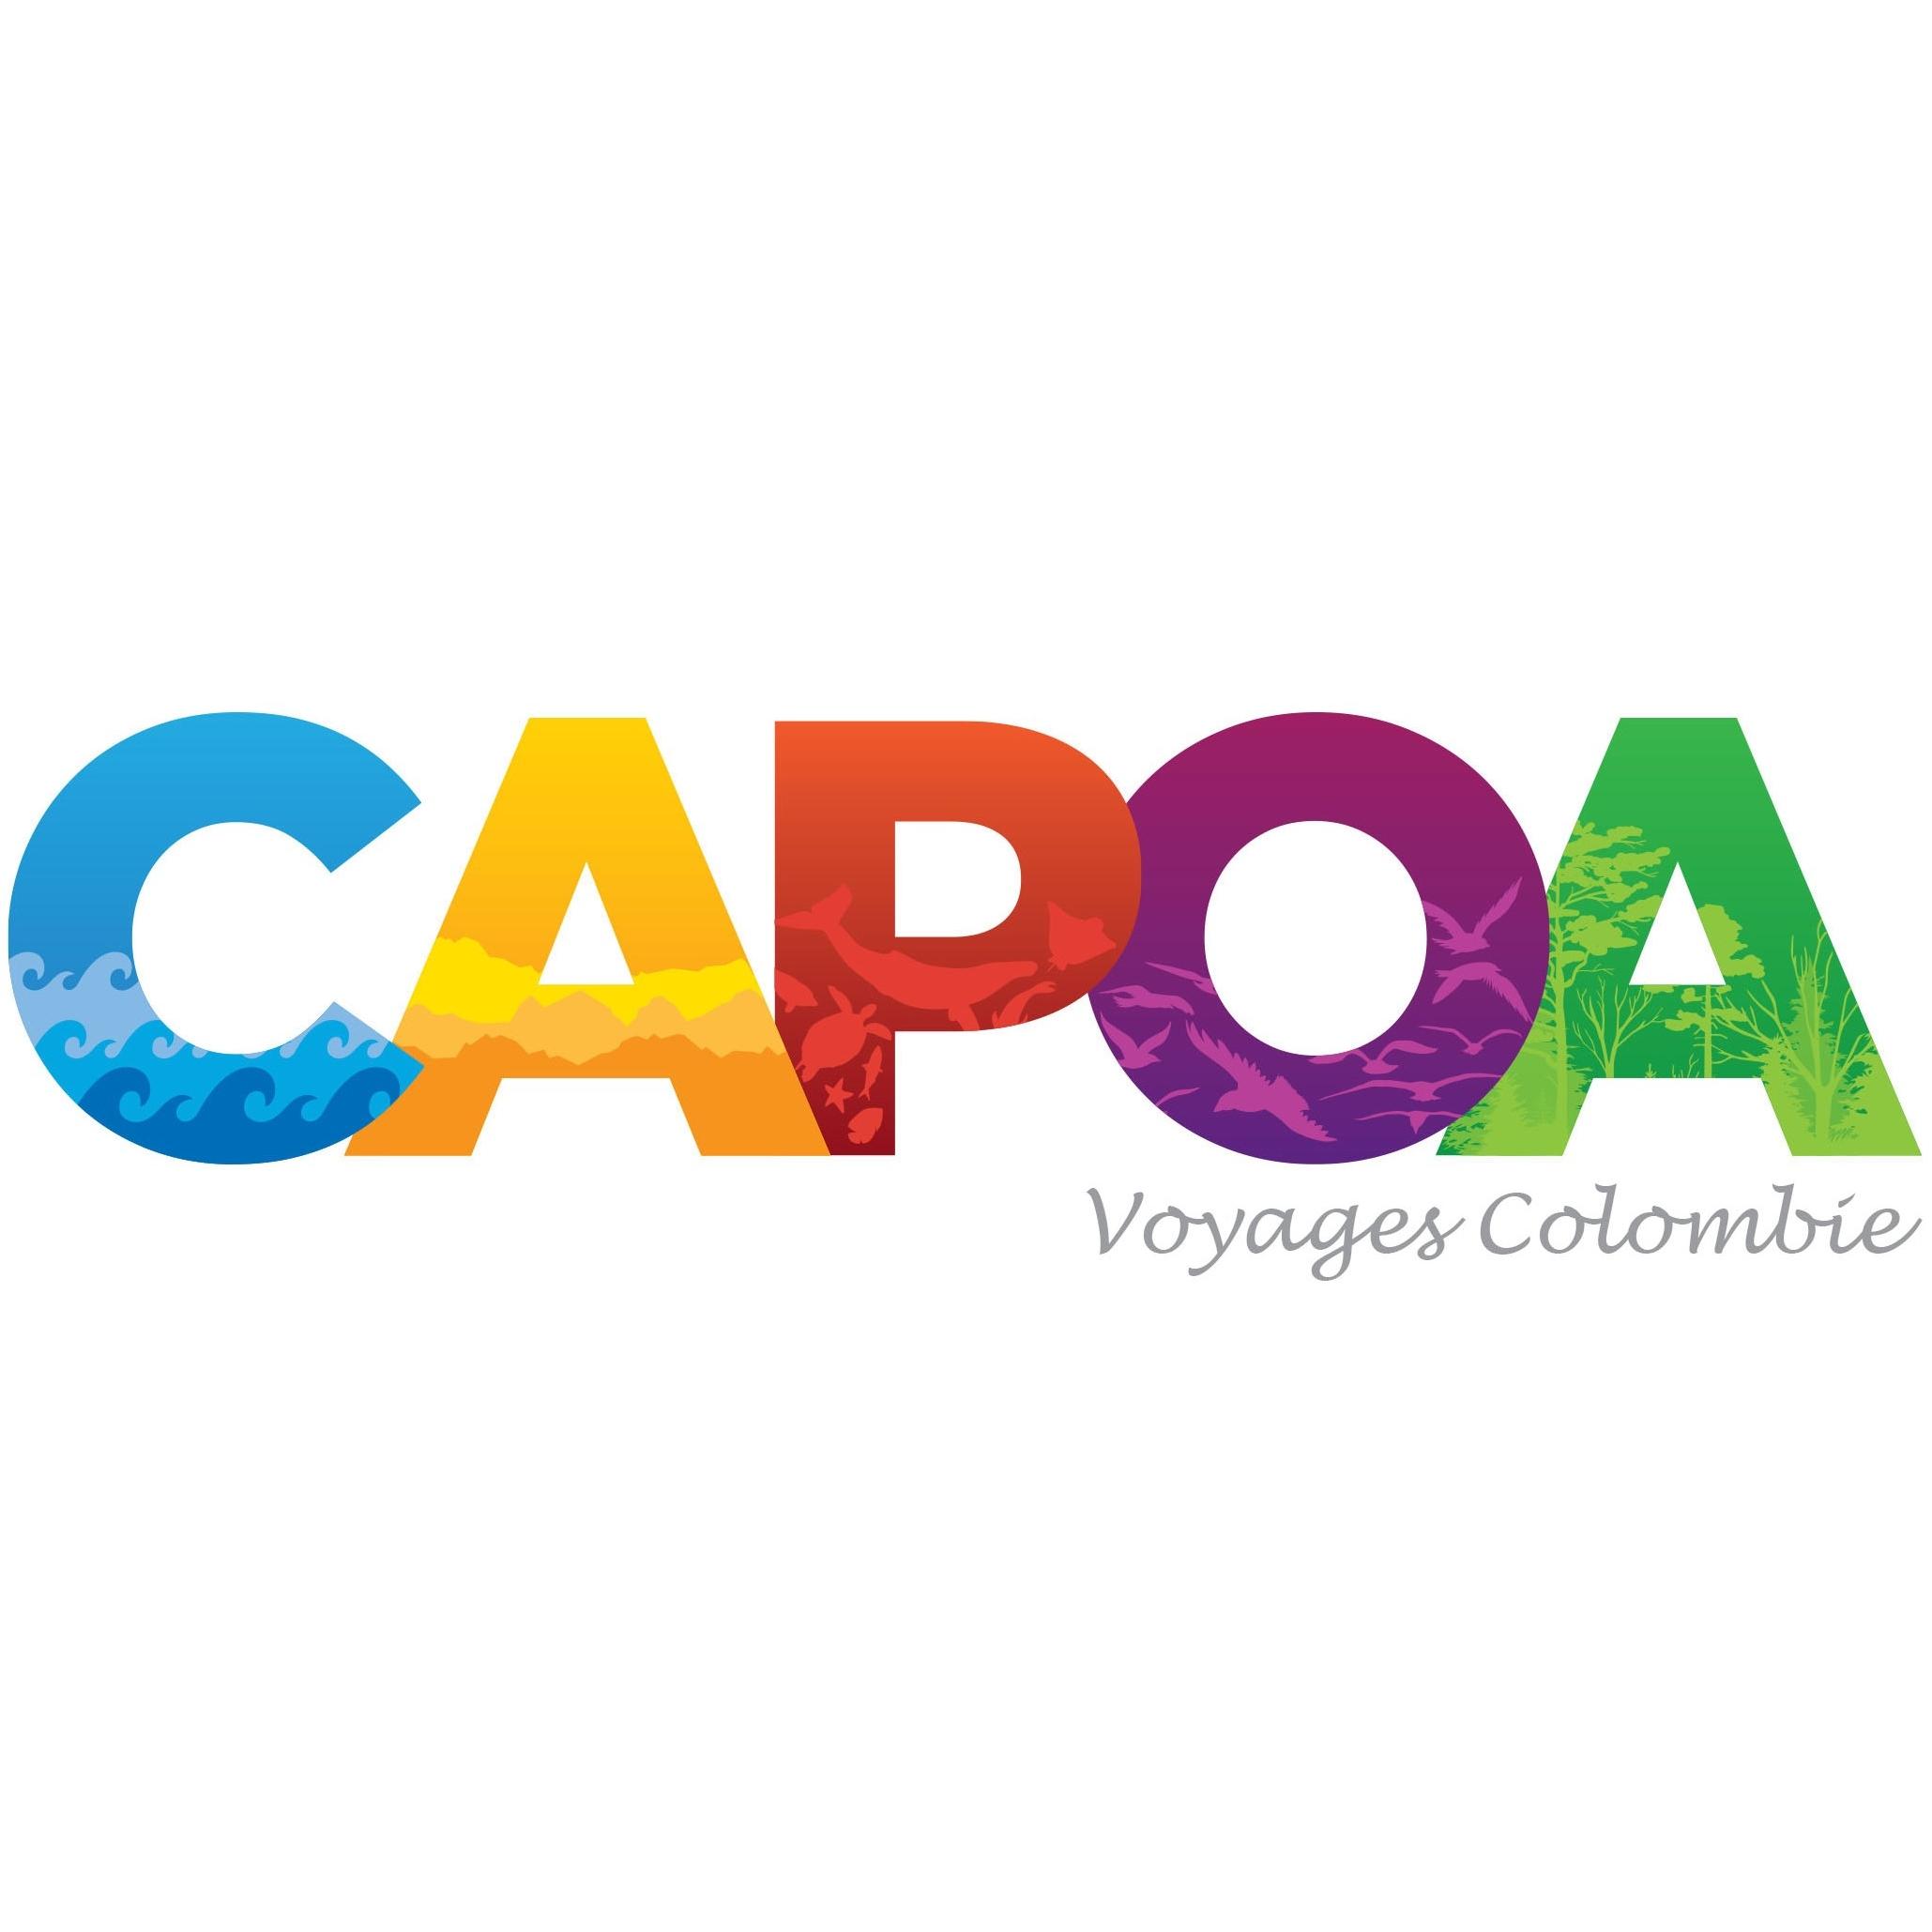 CAPOA Voyages Colombie